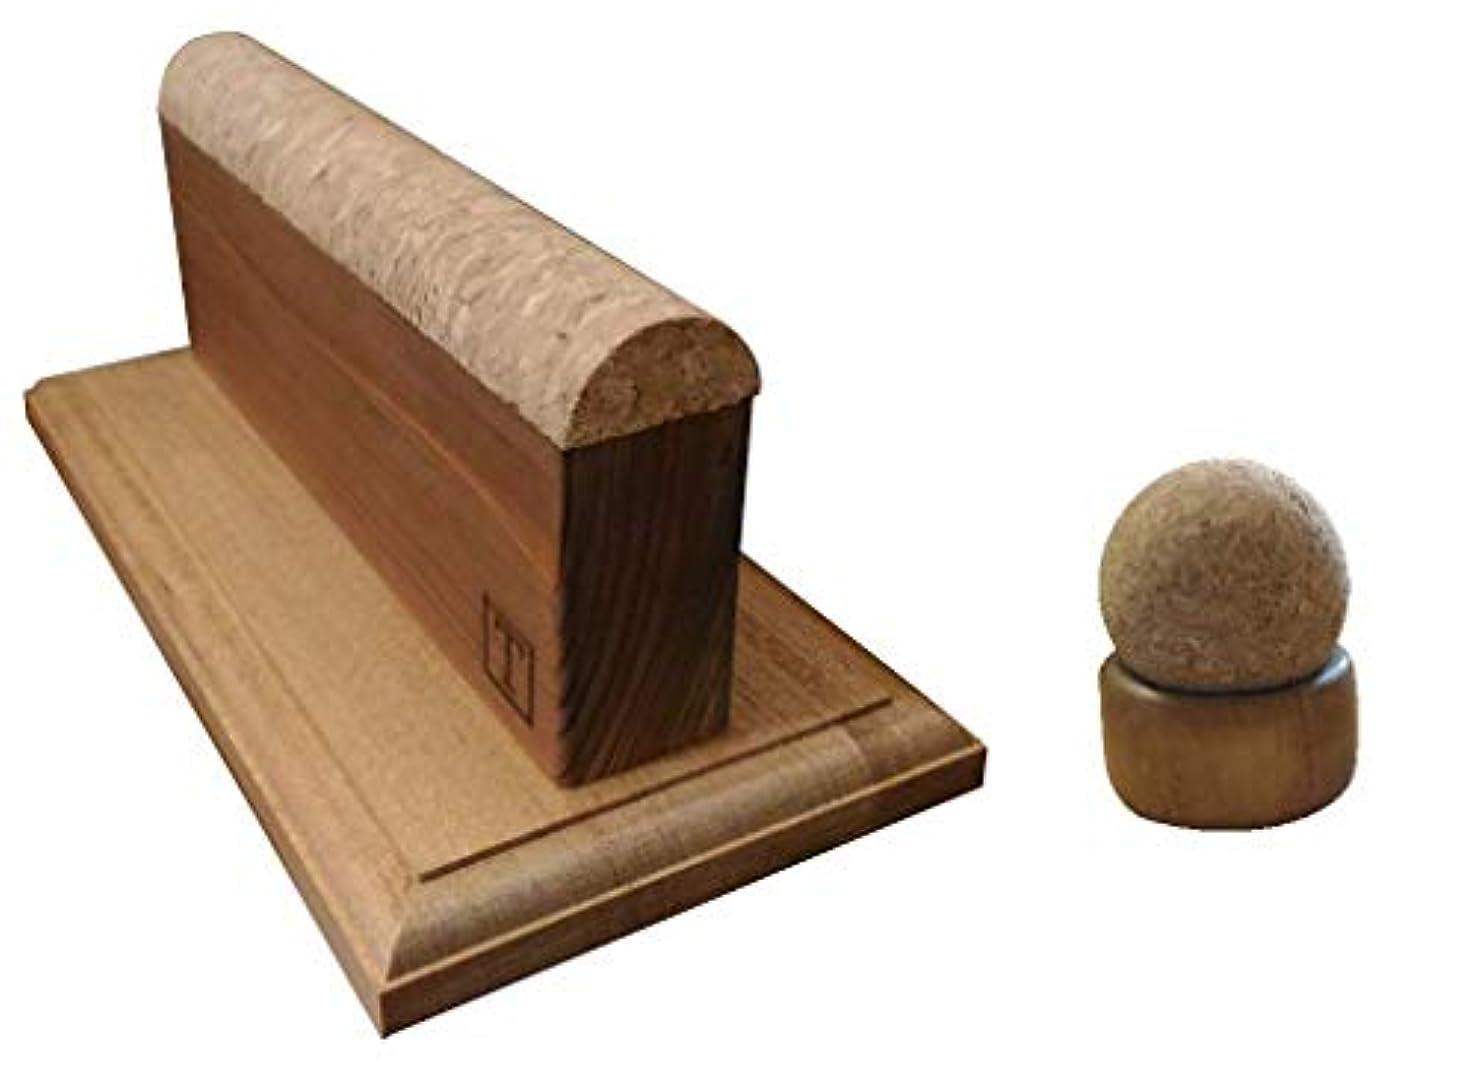 リングバック苦痛私たちのもの『揉みの木シリーズ 極 & 腰きらりのセット』脇 肩甲骨外側 首 ふくらはぎ 側頭部 顔 腰 骨盤等 セルフマッサージを強力にサポート